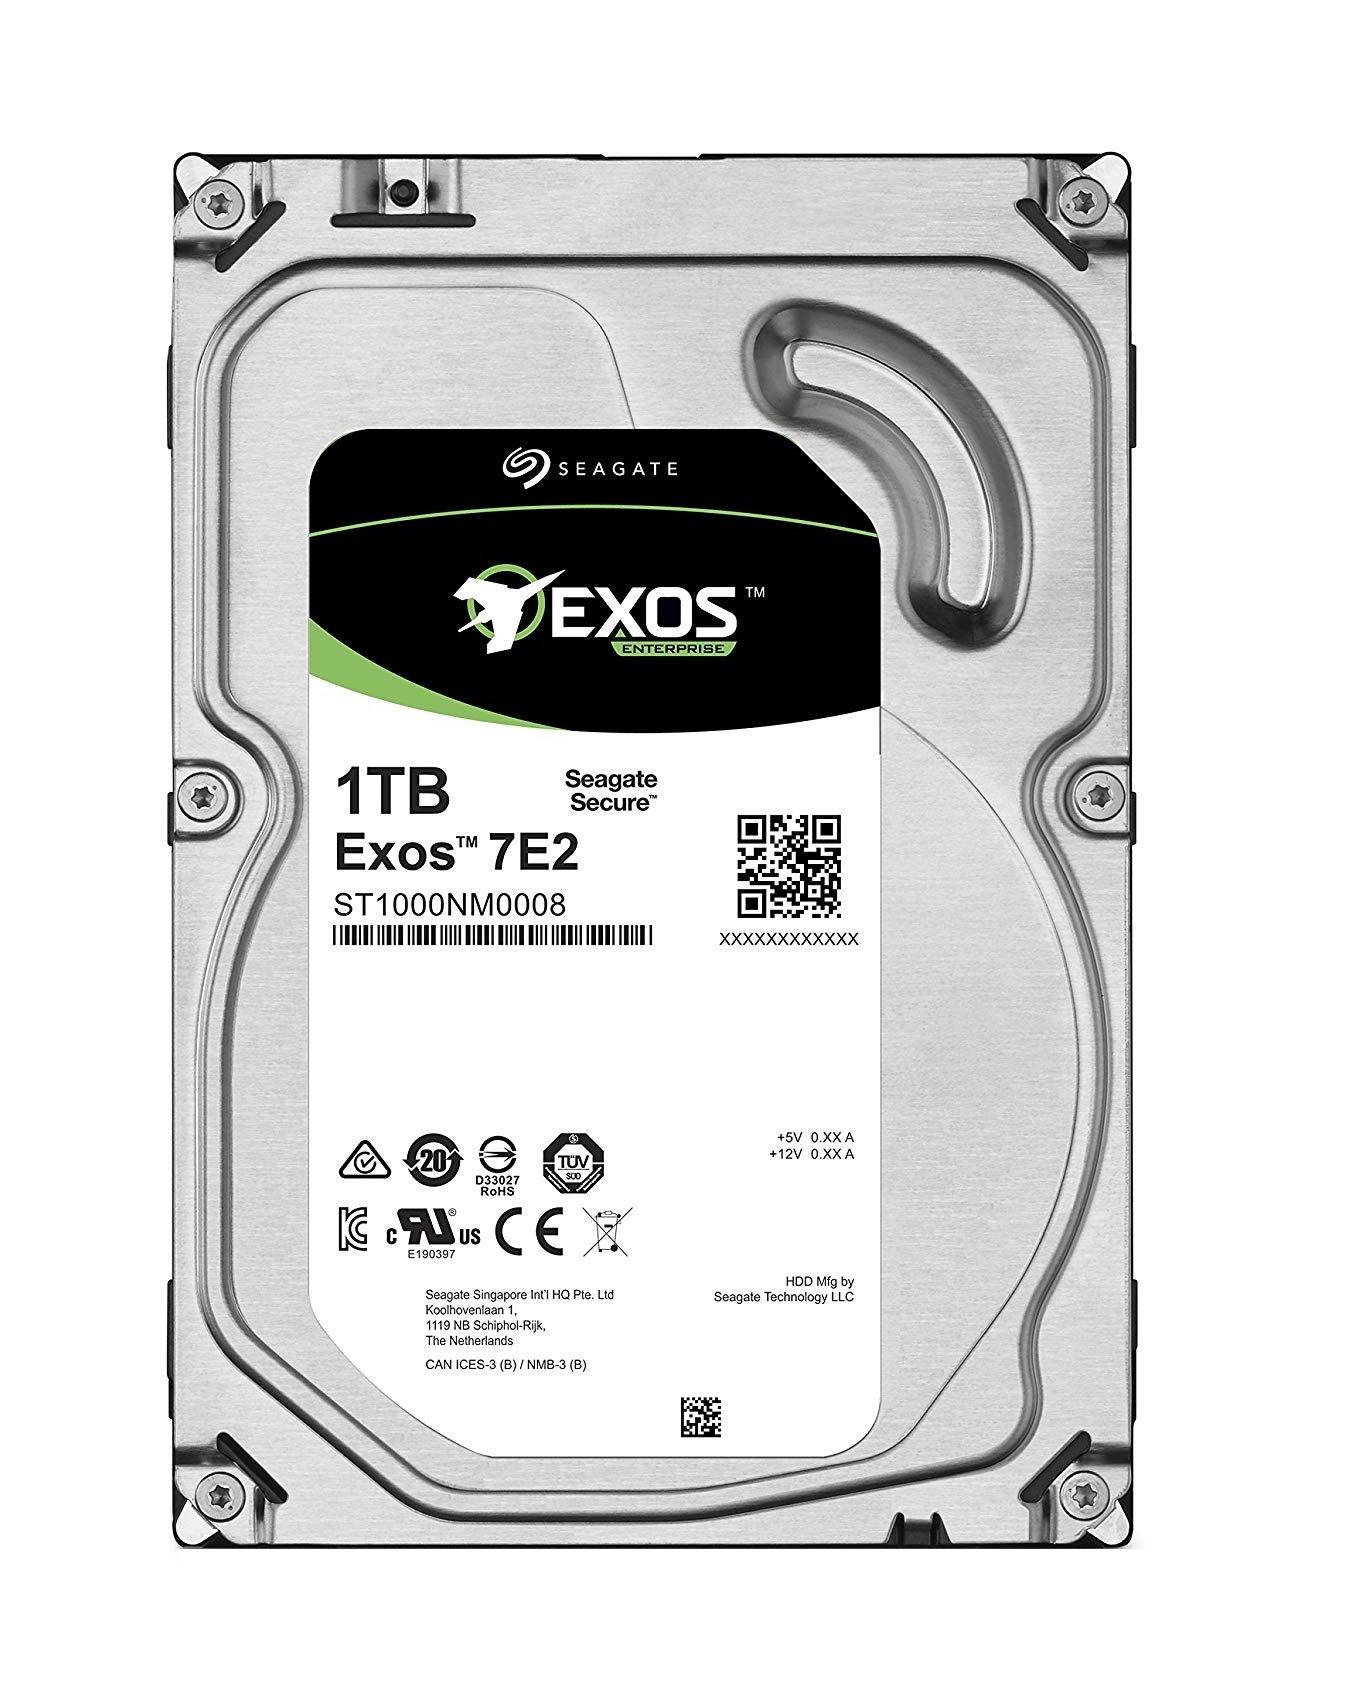 Seagate Exos X10 Enterprise Hard Drive